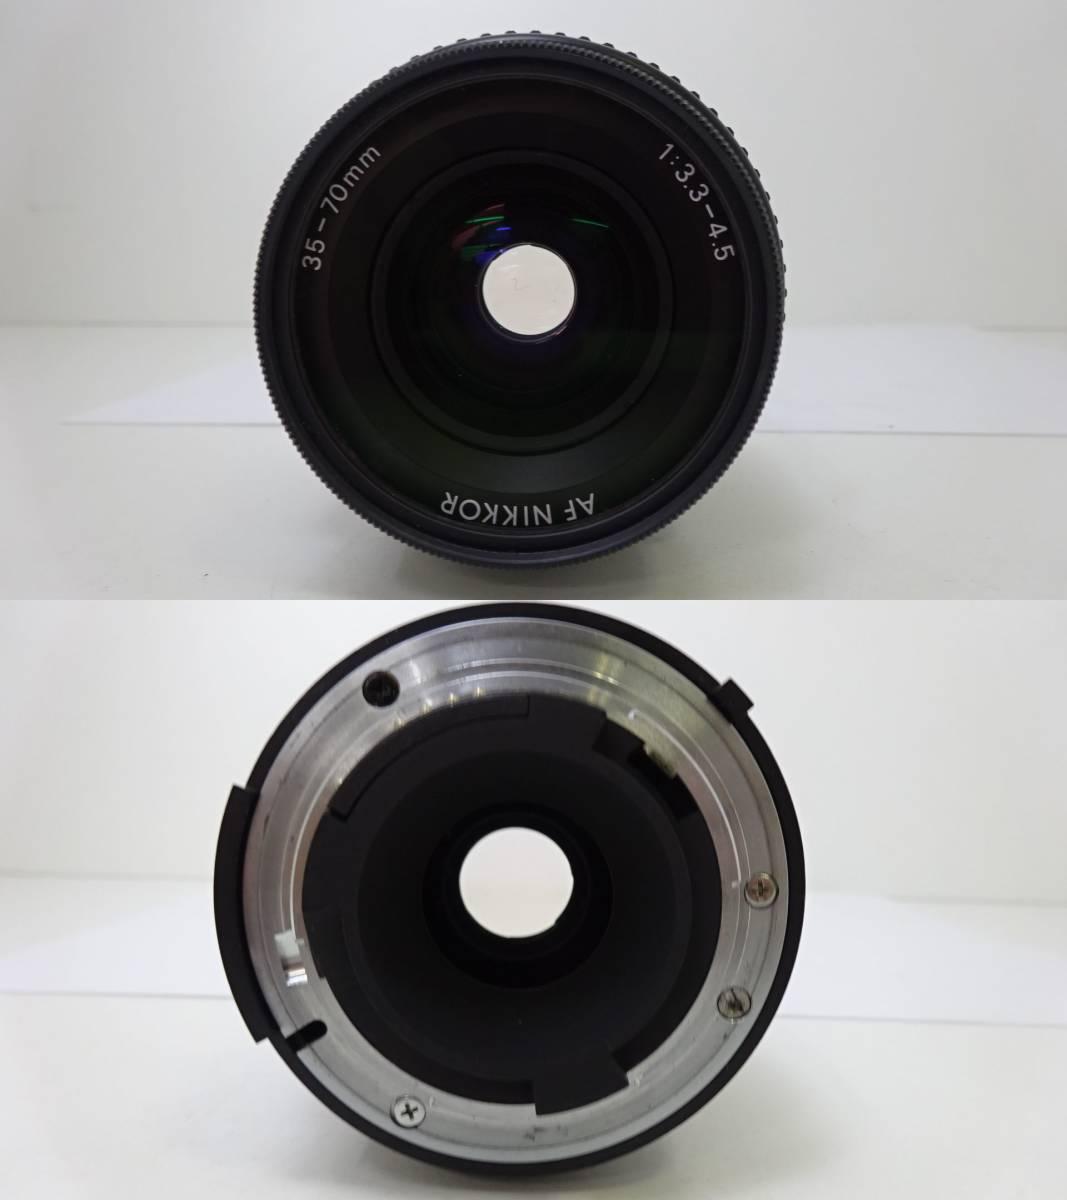 Nikon F3 HP ボディ☆レンズ Nikon AF NIKKOR 35-70㎜ 1:3.3-4.5☆カバー ストラップ 付☆外観美品♪☆306083_画像7